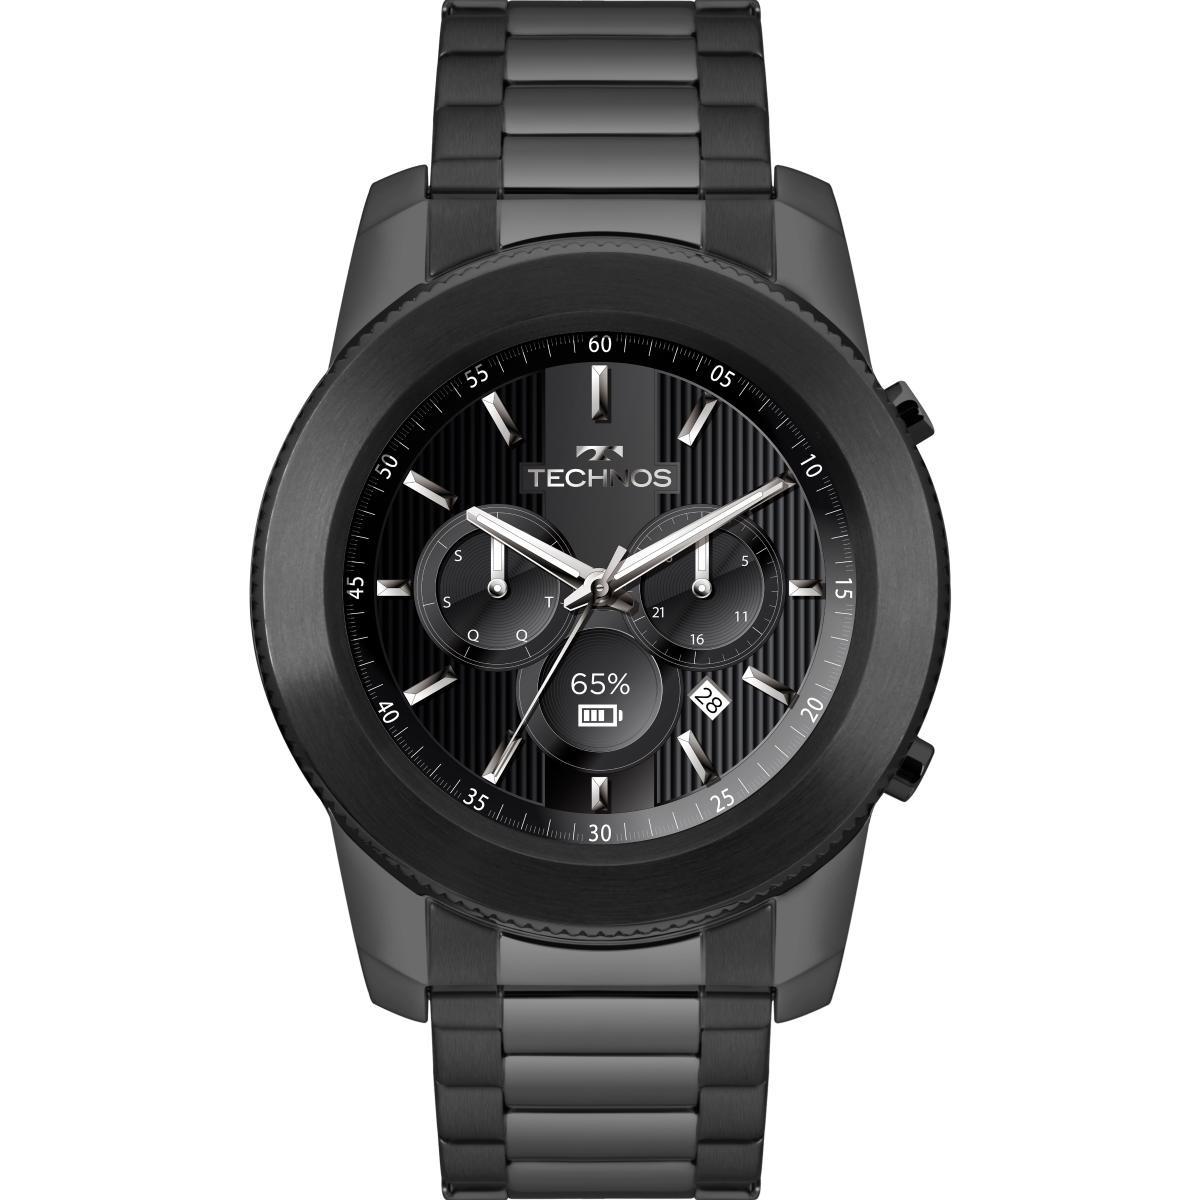 3d6b0abbb52 Relógio Masculino Technos Connect Smartwatch M1ab 4p Preto - R  861 ...